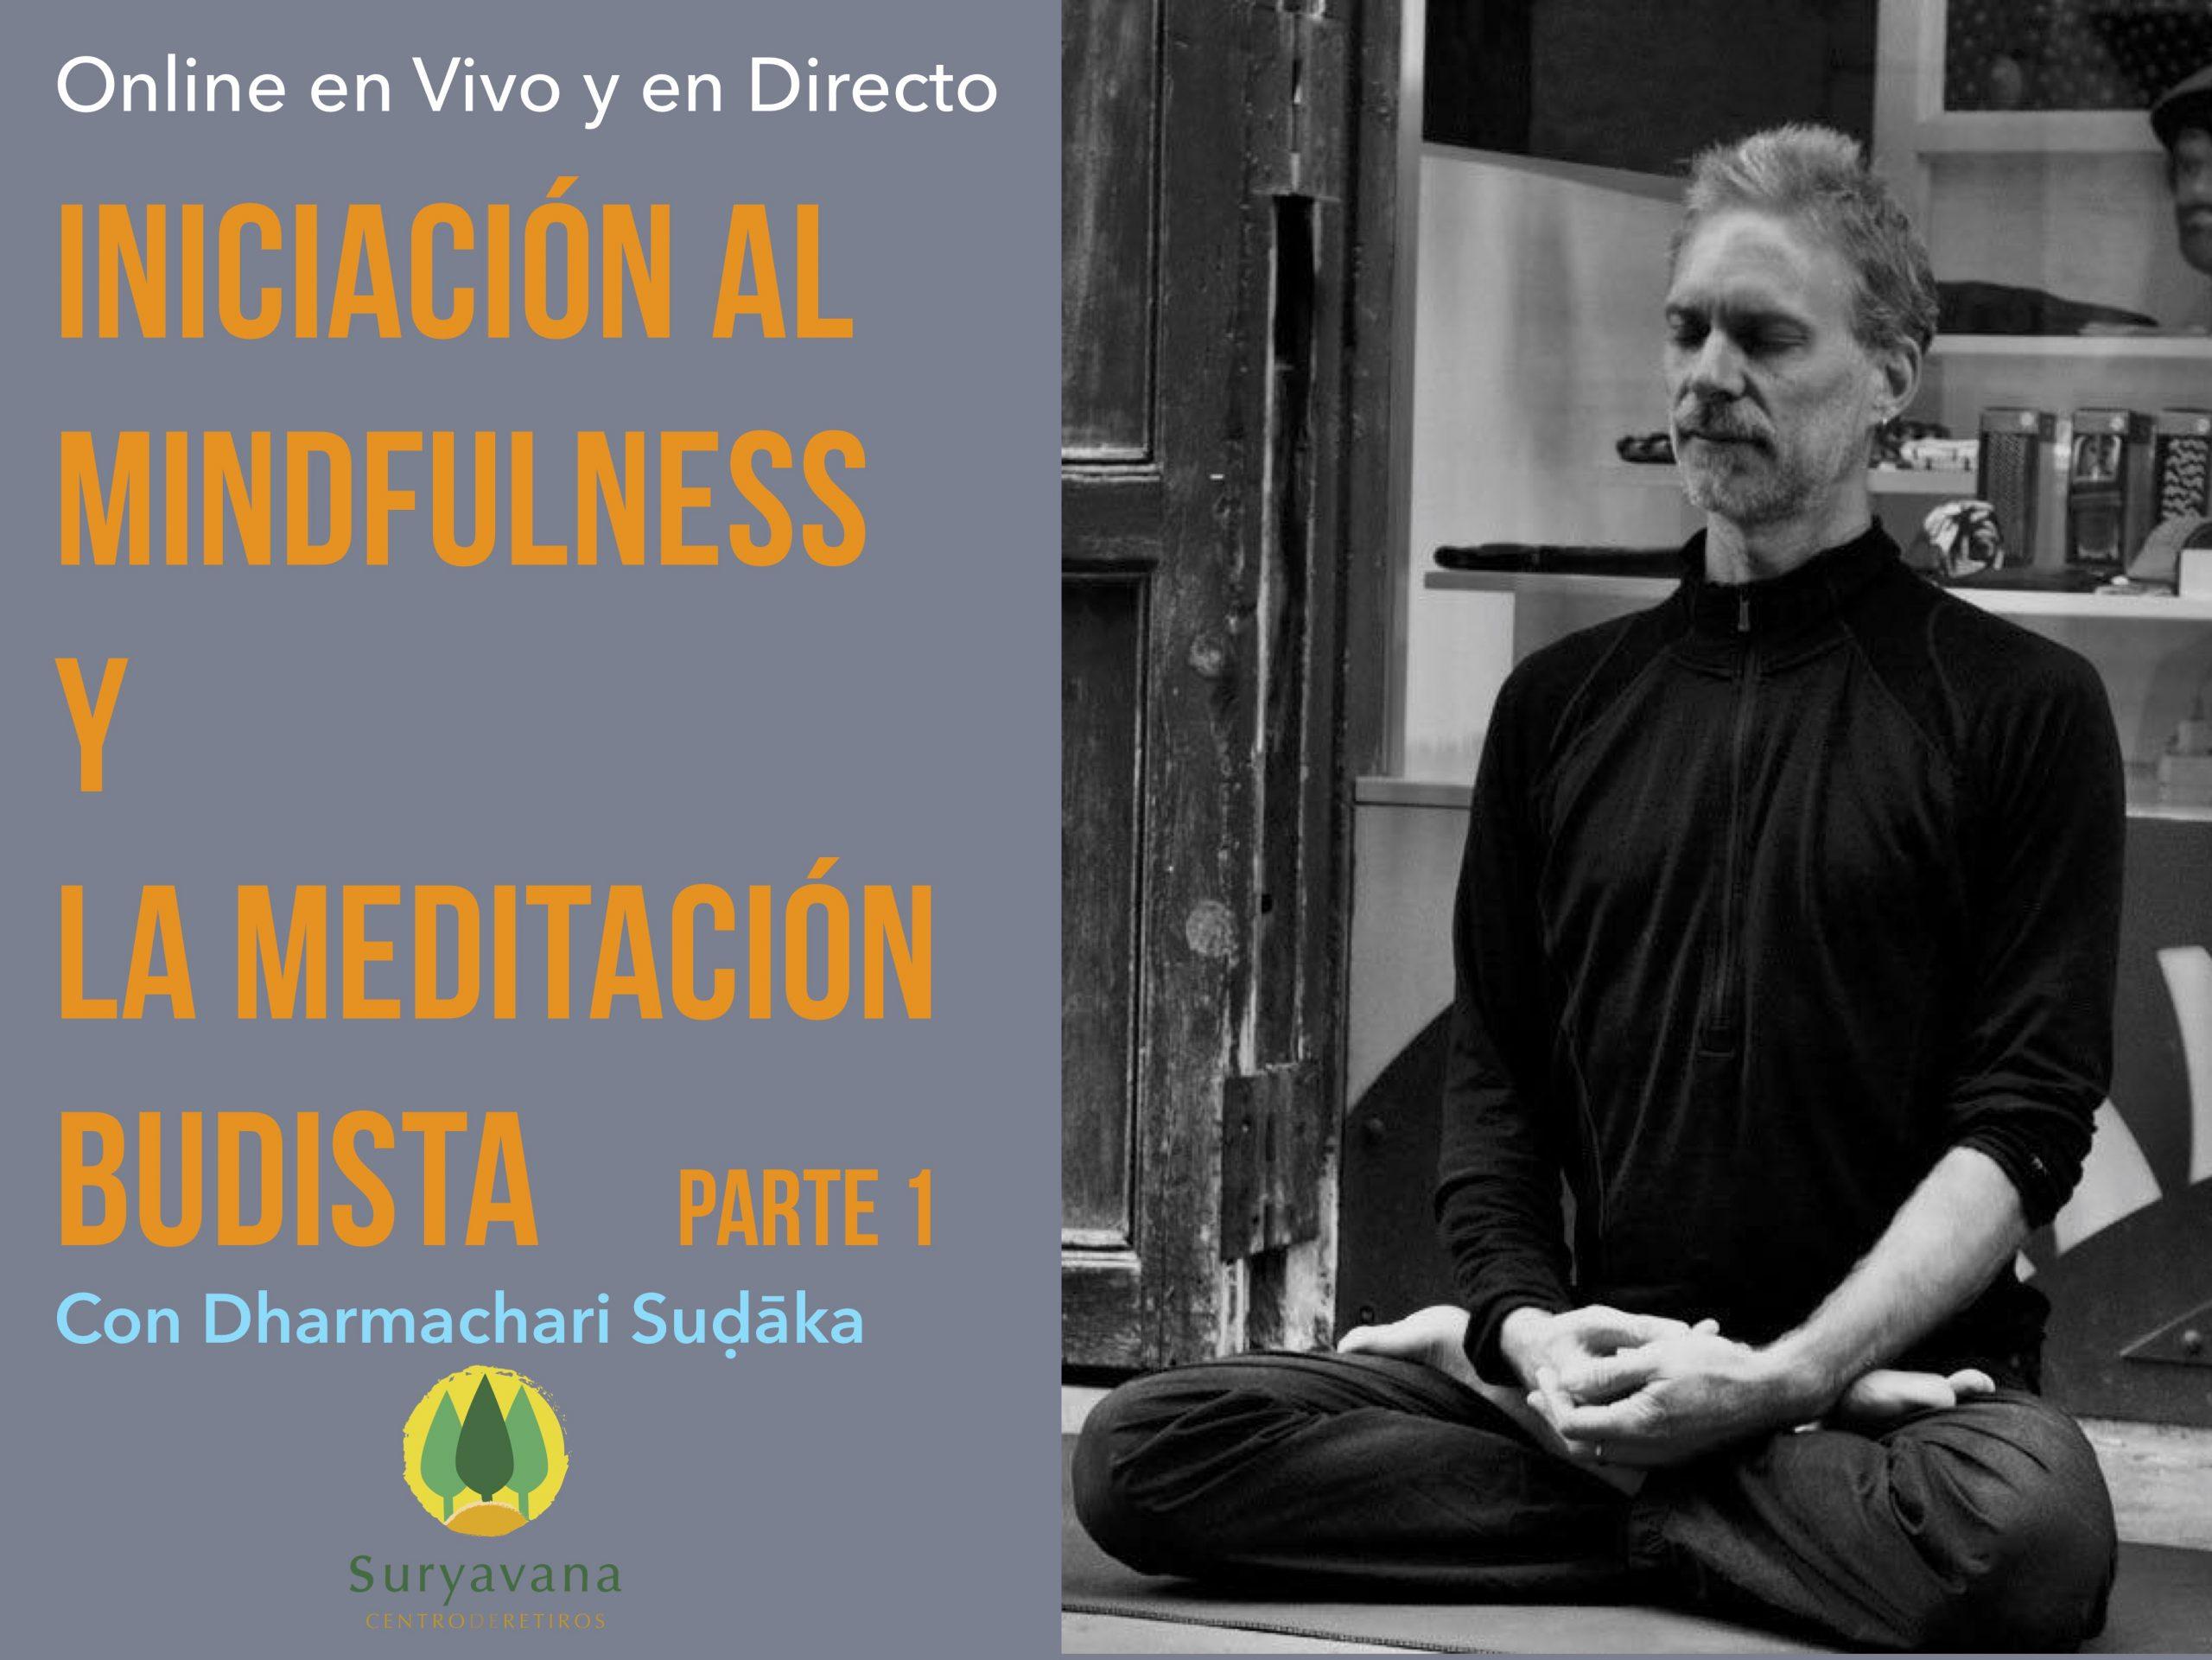 Curso Online - Iniciación al Mindfulness y la Meditación Budista